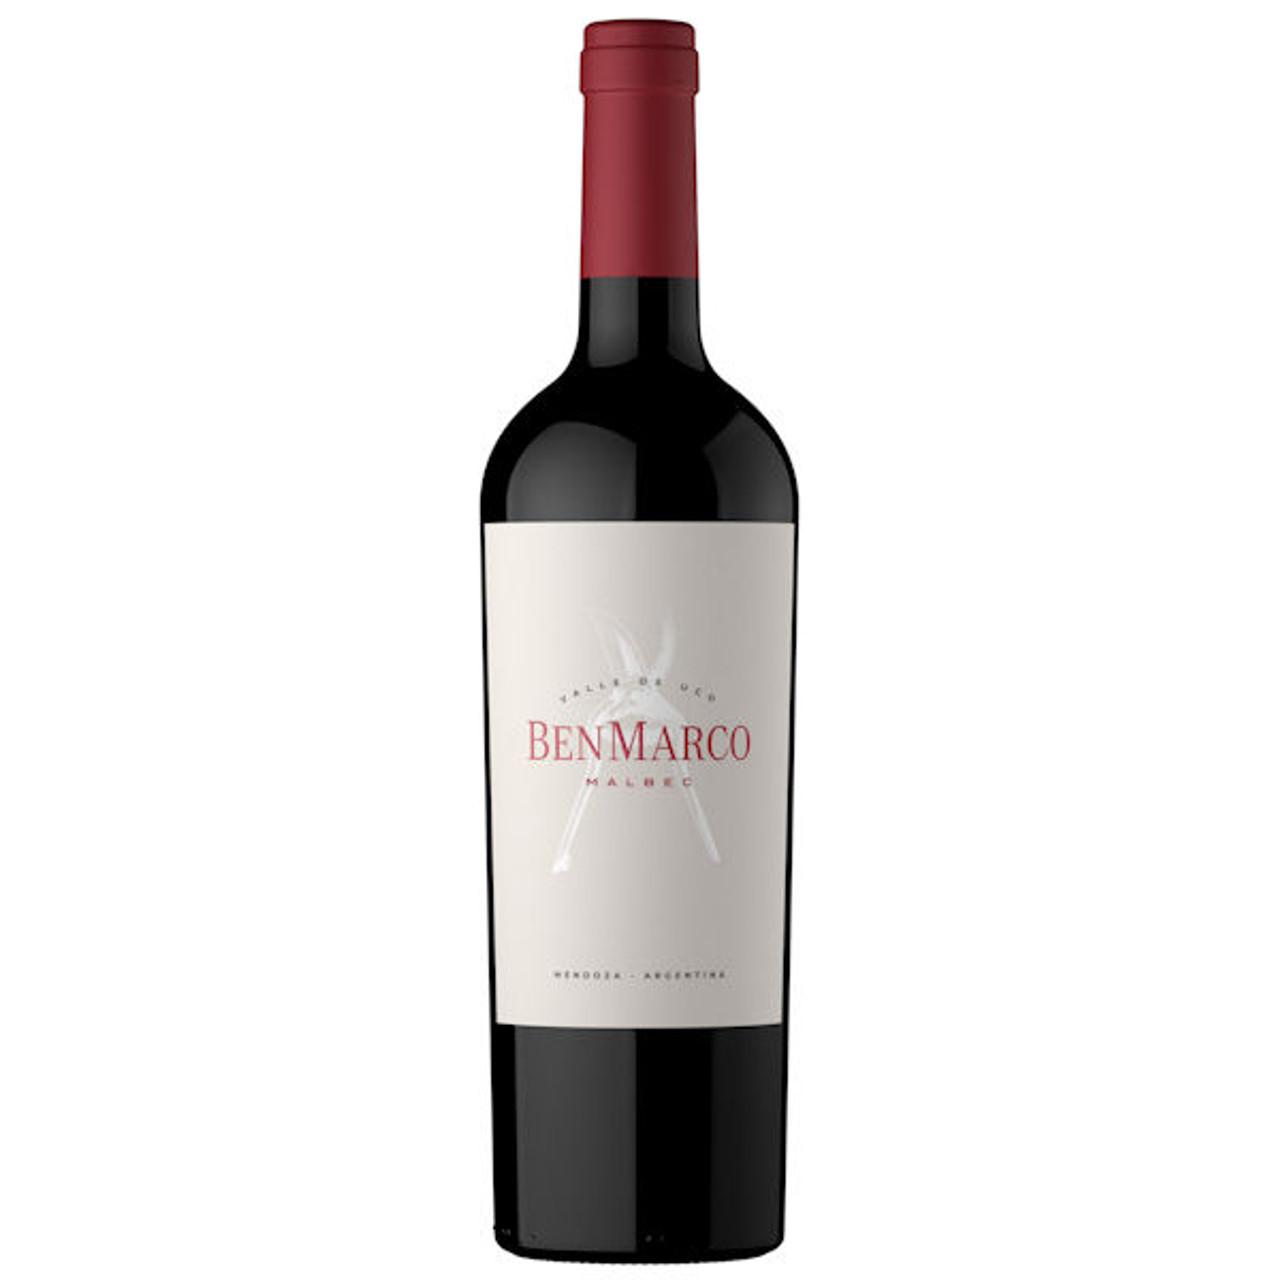 BenMarco Mendoza Malbec